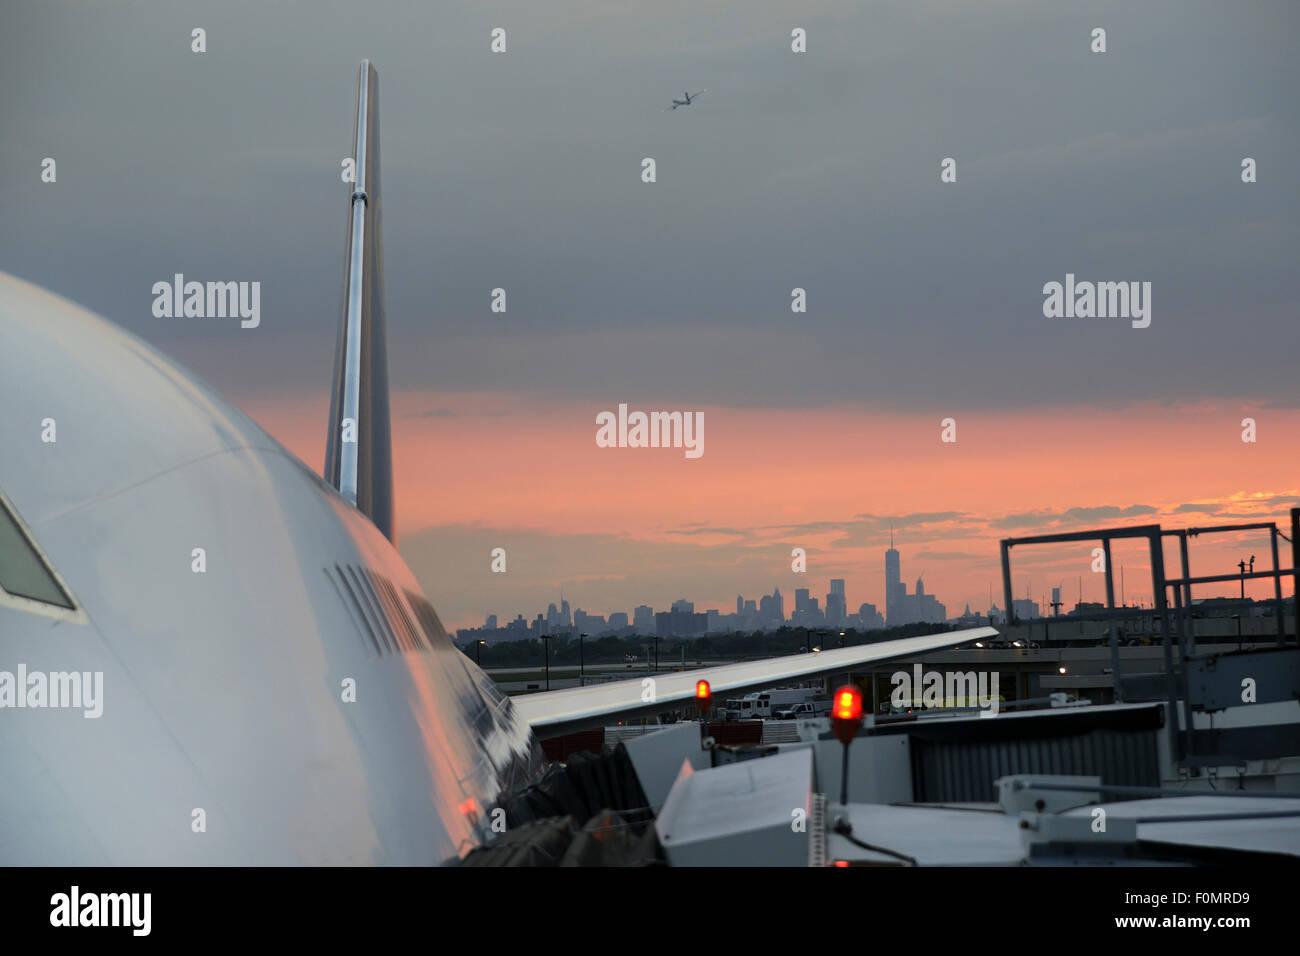 Civil aircraft maintenance and boarding at JFK airport - Stock Image